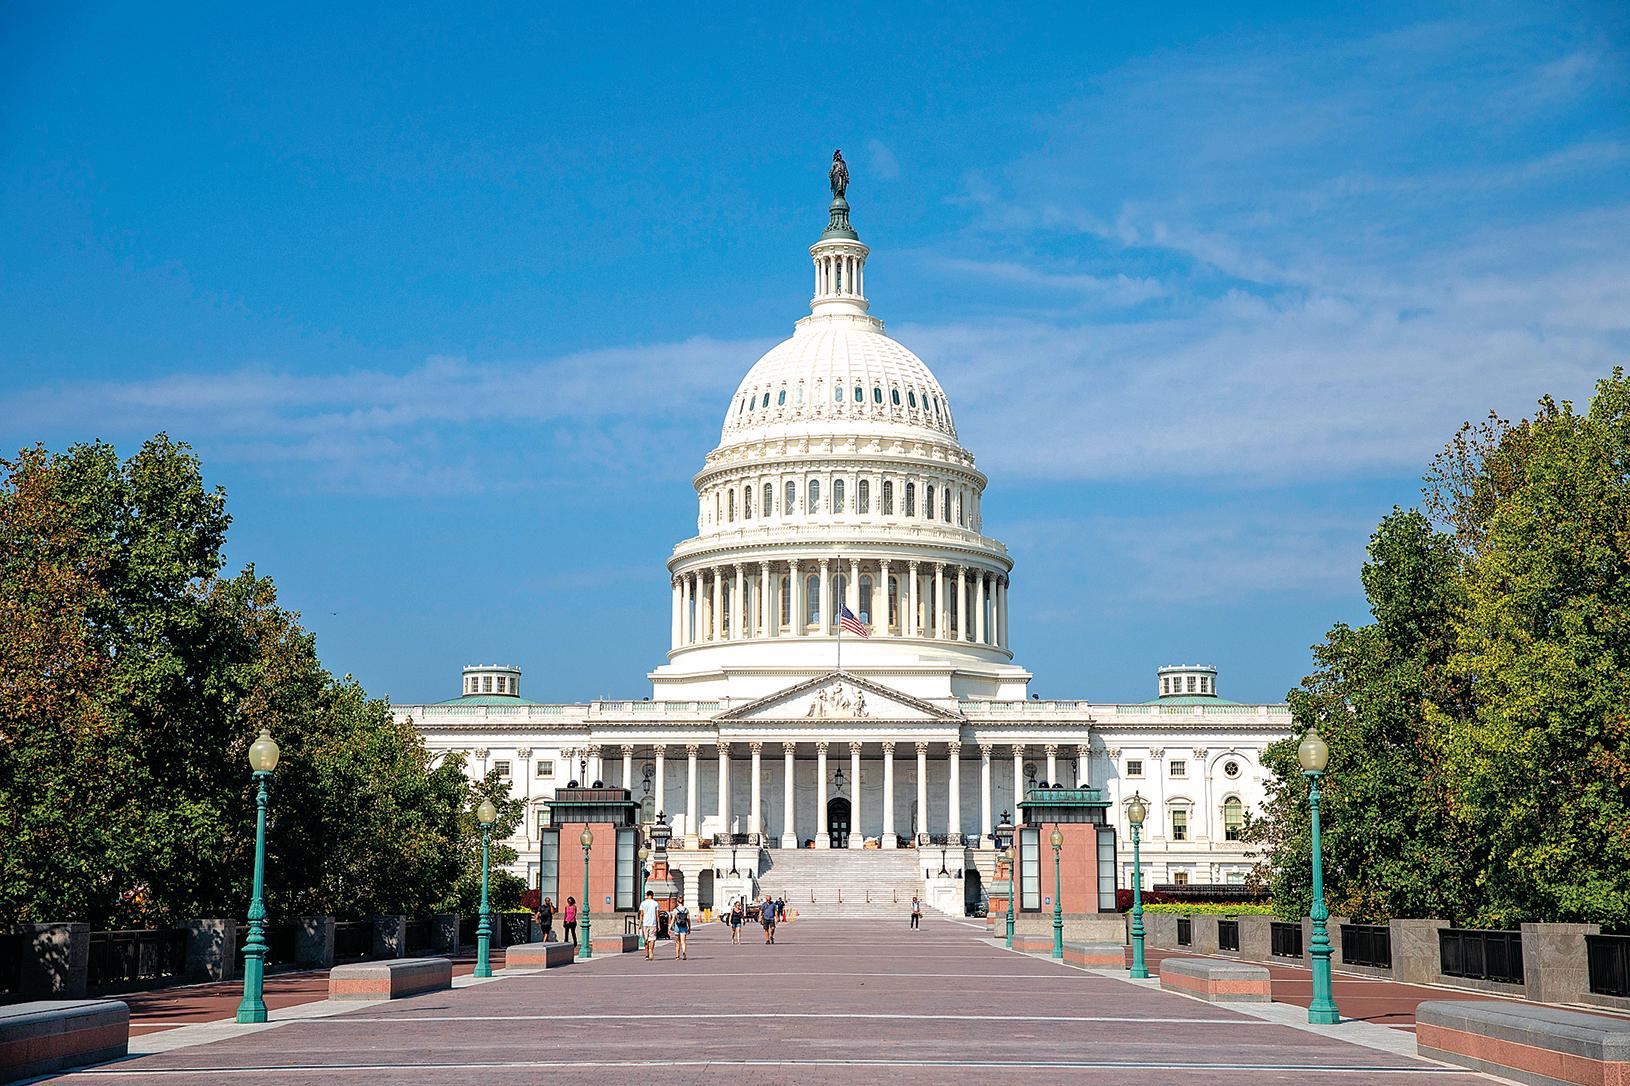 美國參議員表示,計劃與白宮、國家研究機構、大學和國務院合作制定立法解決方案,以保護用美國納稅人的錢所支持的研究。圖為美國國會。(Samira Bouaou/The Epoch Times)